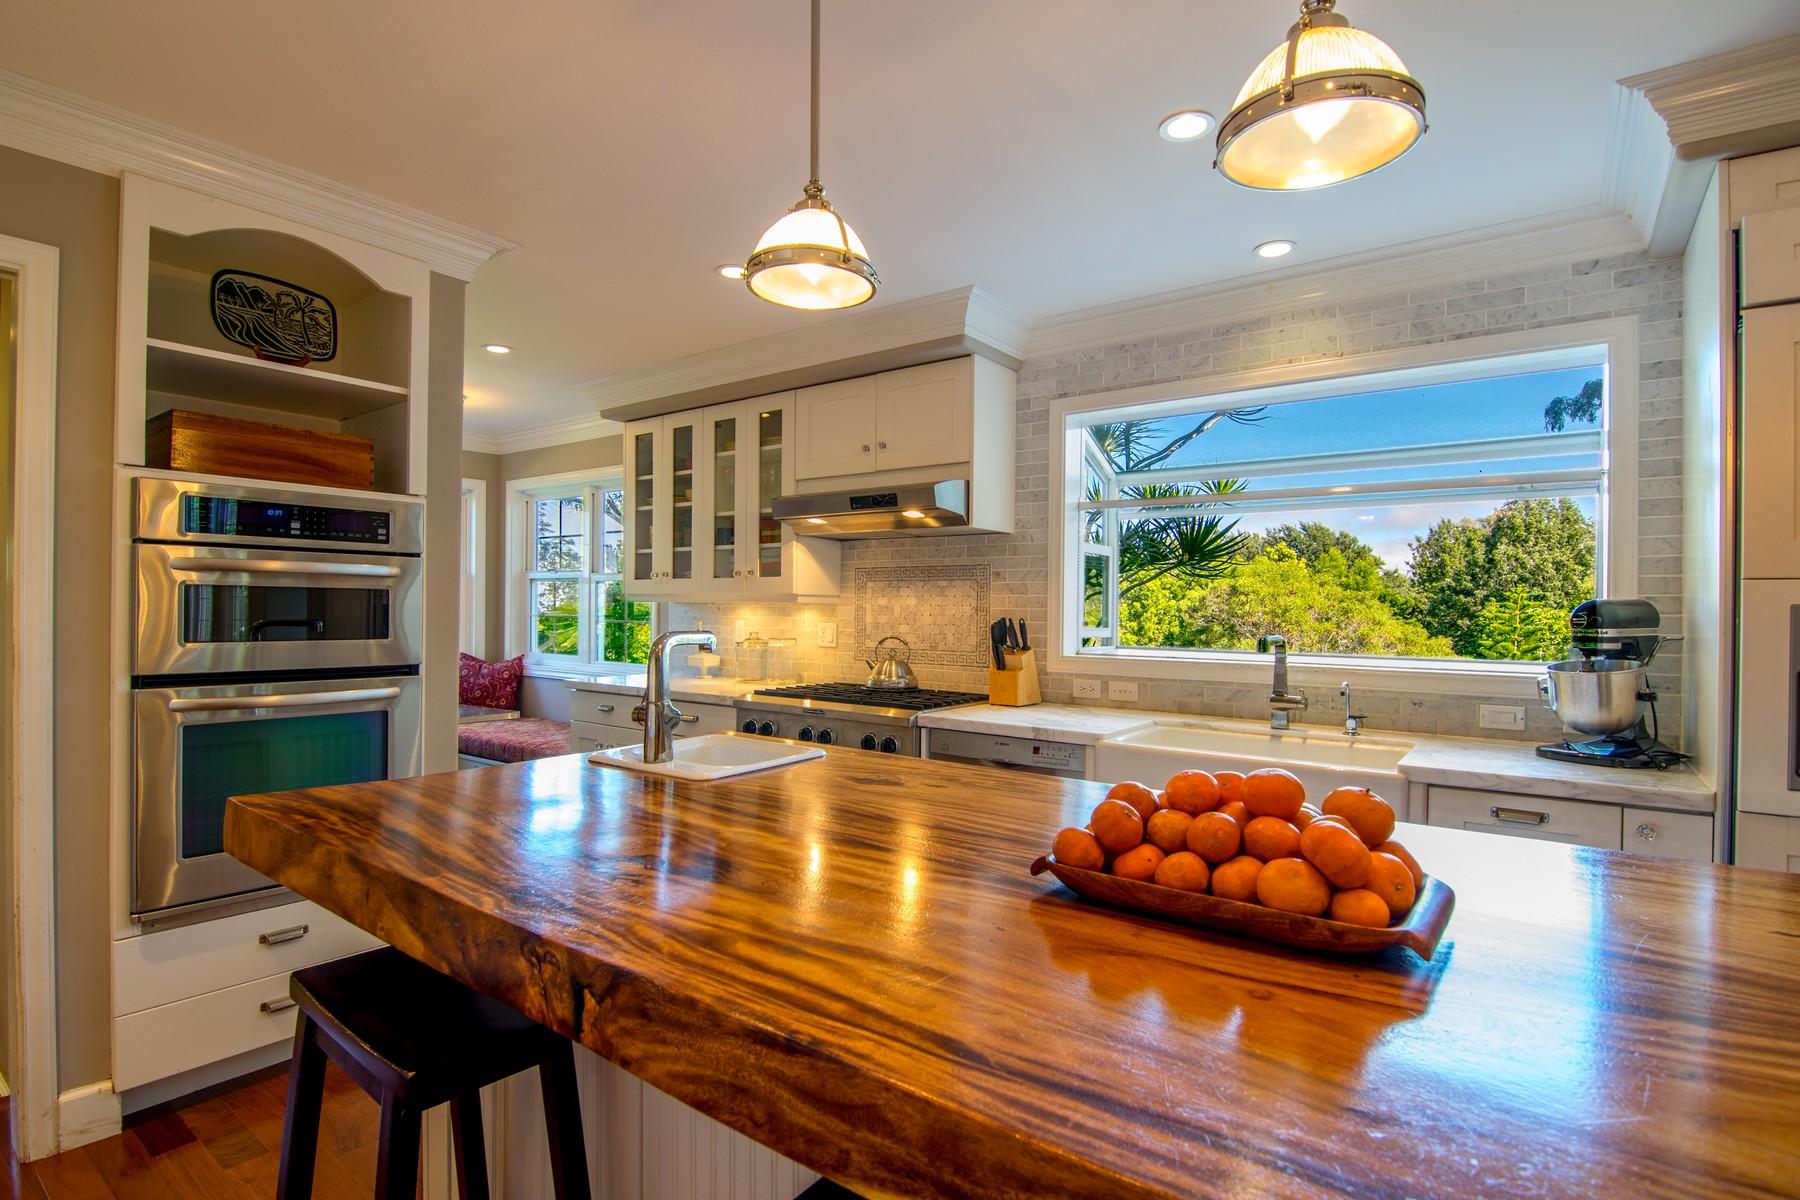 Частный односемейный дом для того Продажа на Kula 200 - The Perfect Location 275 Hoopalua Drive Pukalani, Гавайи, 96768 Соединенные Штаты